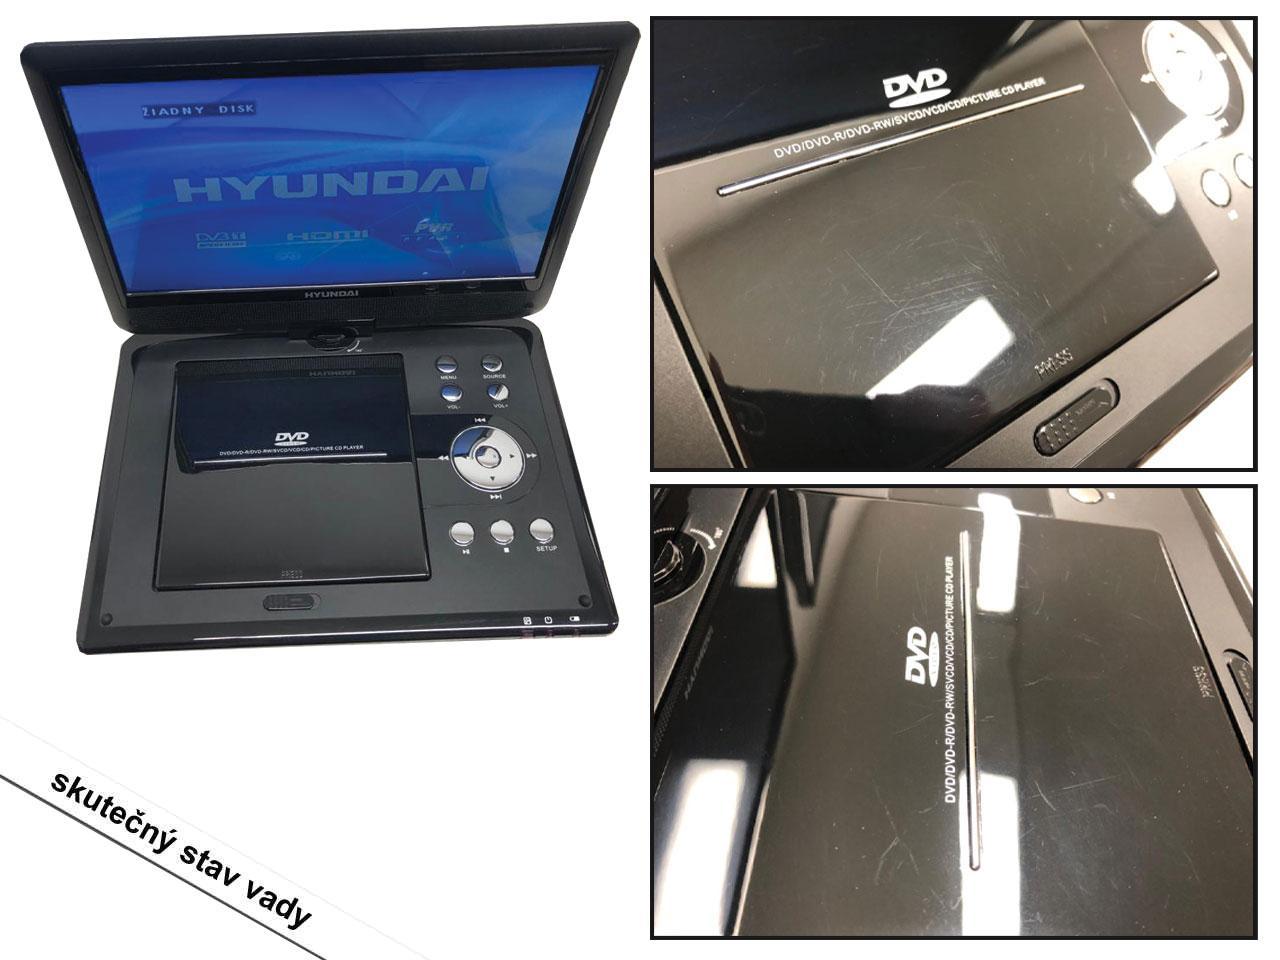 HYUNDAI PDP 10810 H DVBT